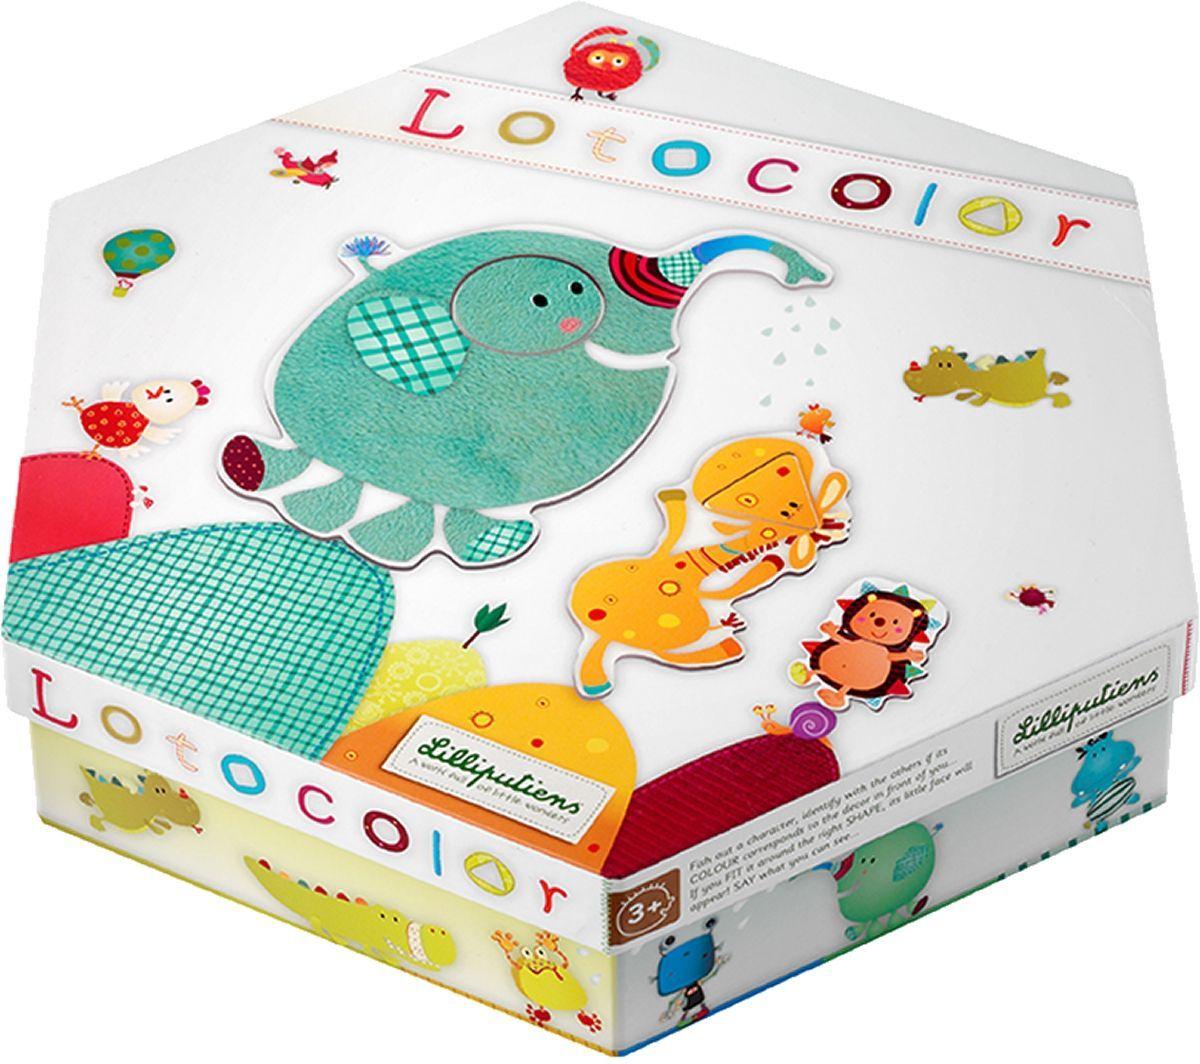 Lilliputiens Пазл-лото для малышей Лотоколор, S.A.Lilliputiens N.V.